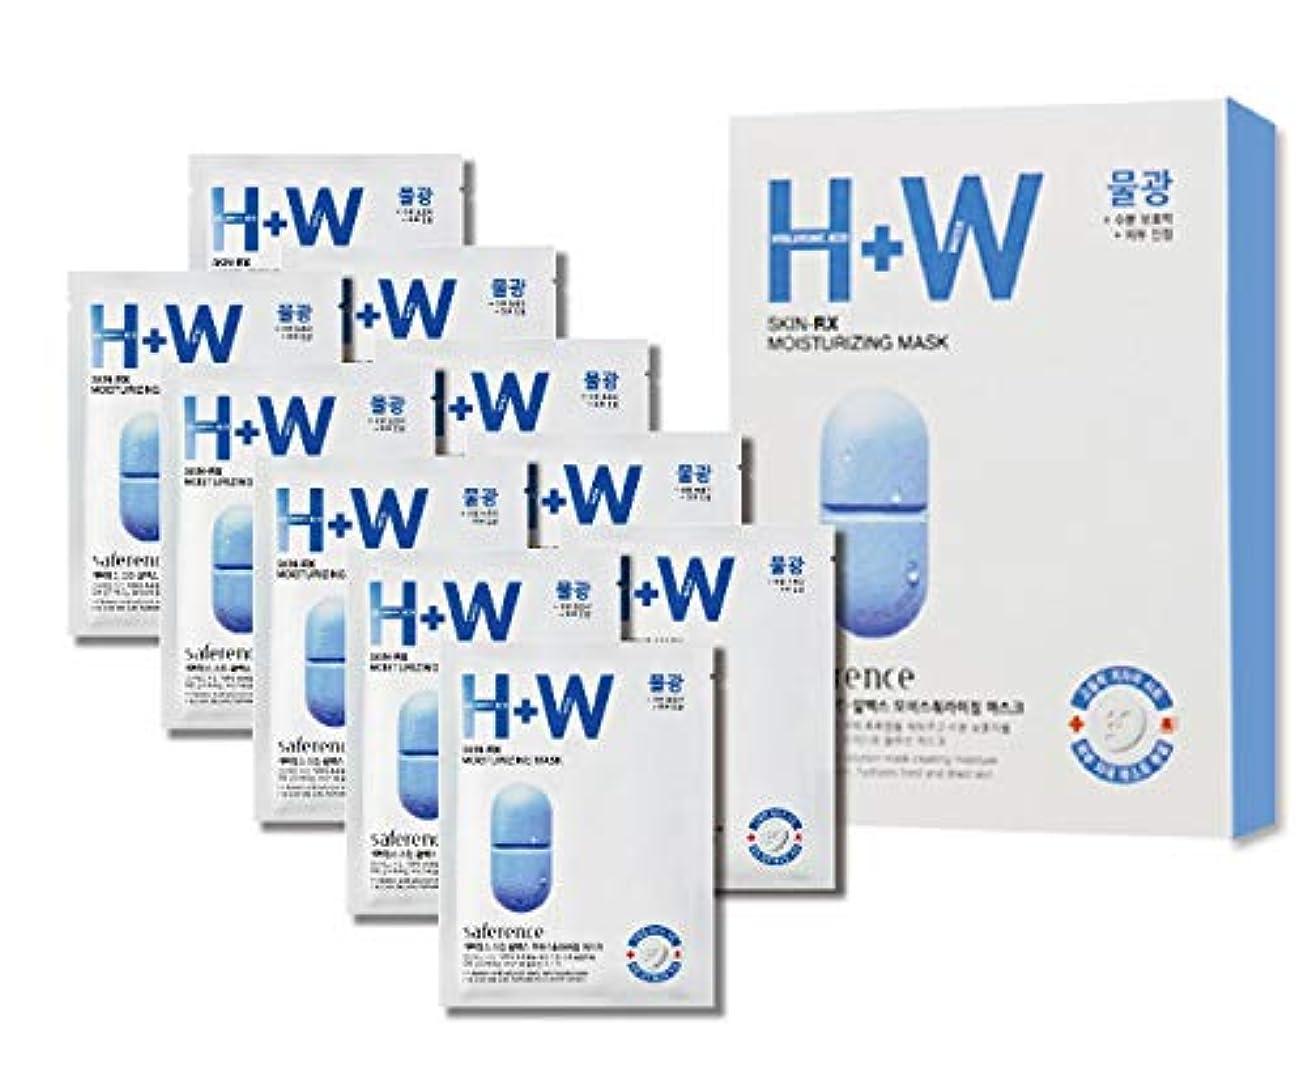 [セーファーランス] 肌 - RXモイスチャーリングシートマスク -保湿、ヒアルロン酸、サボテンの実、スベリヒユ配合、23ml x 10枚パック